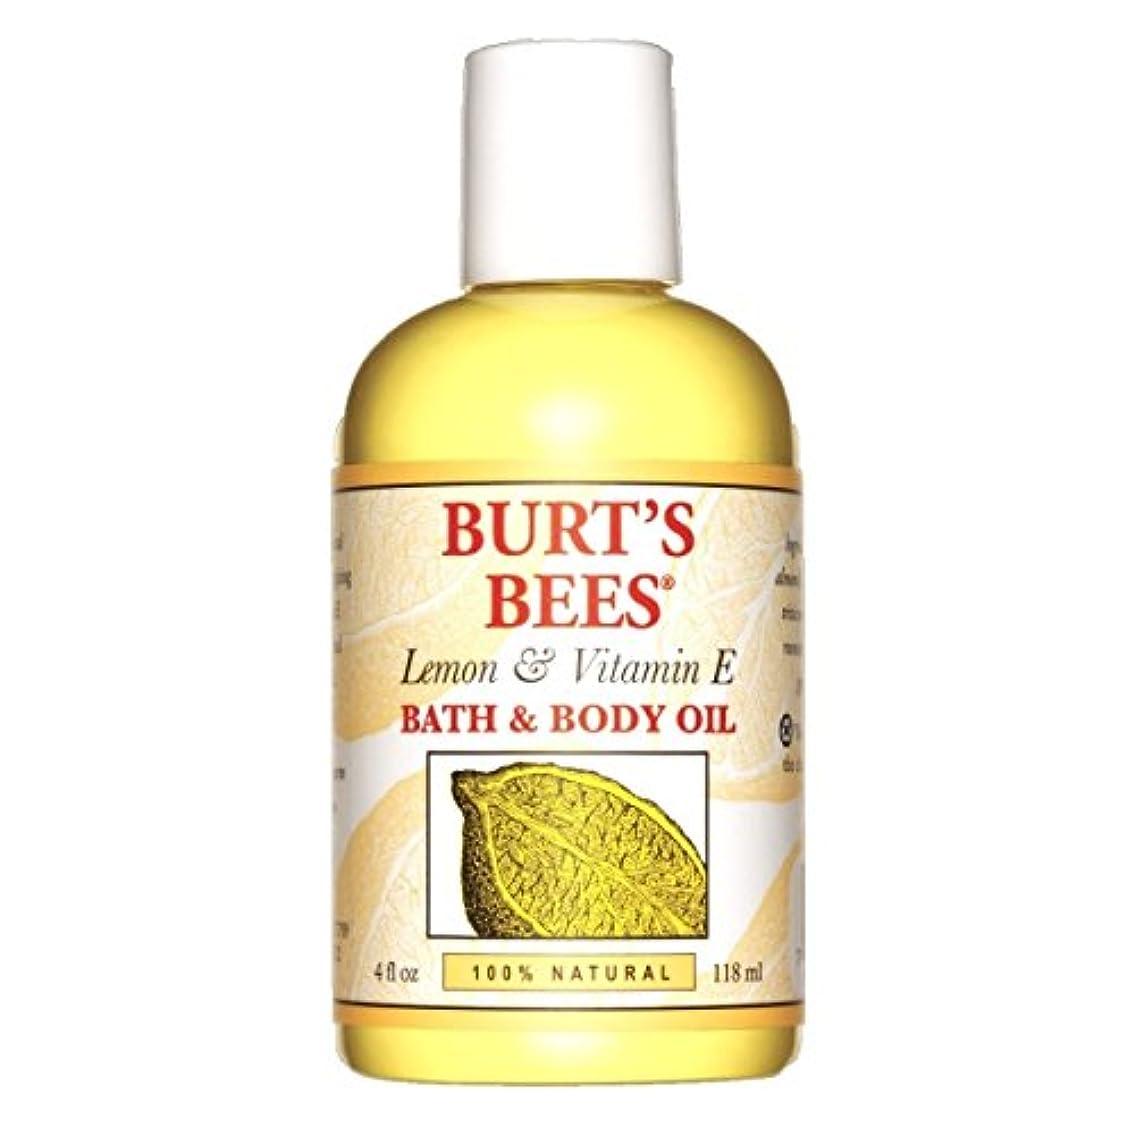 謝罪ホイール前部バーツビーズ(Burt's Bees) レモン&ビタミンE バスアンドボディオイル 118ml [海外直送品][並行輸入品]